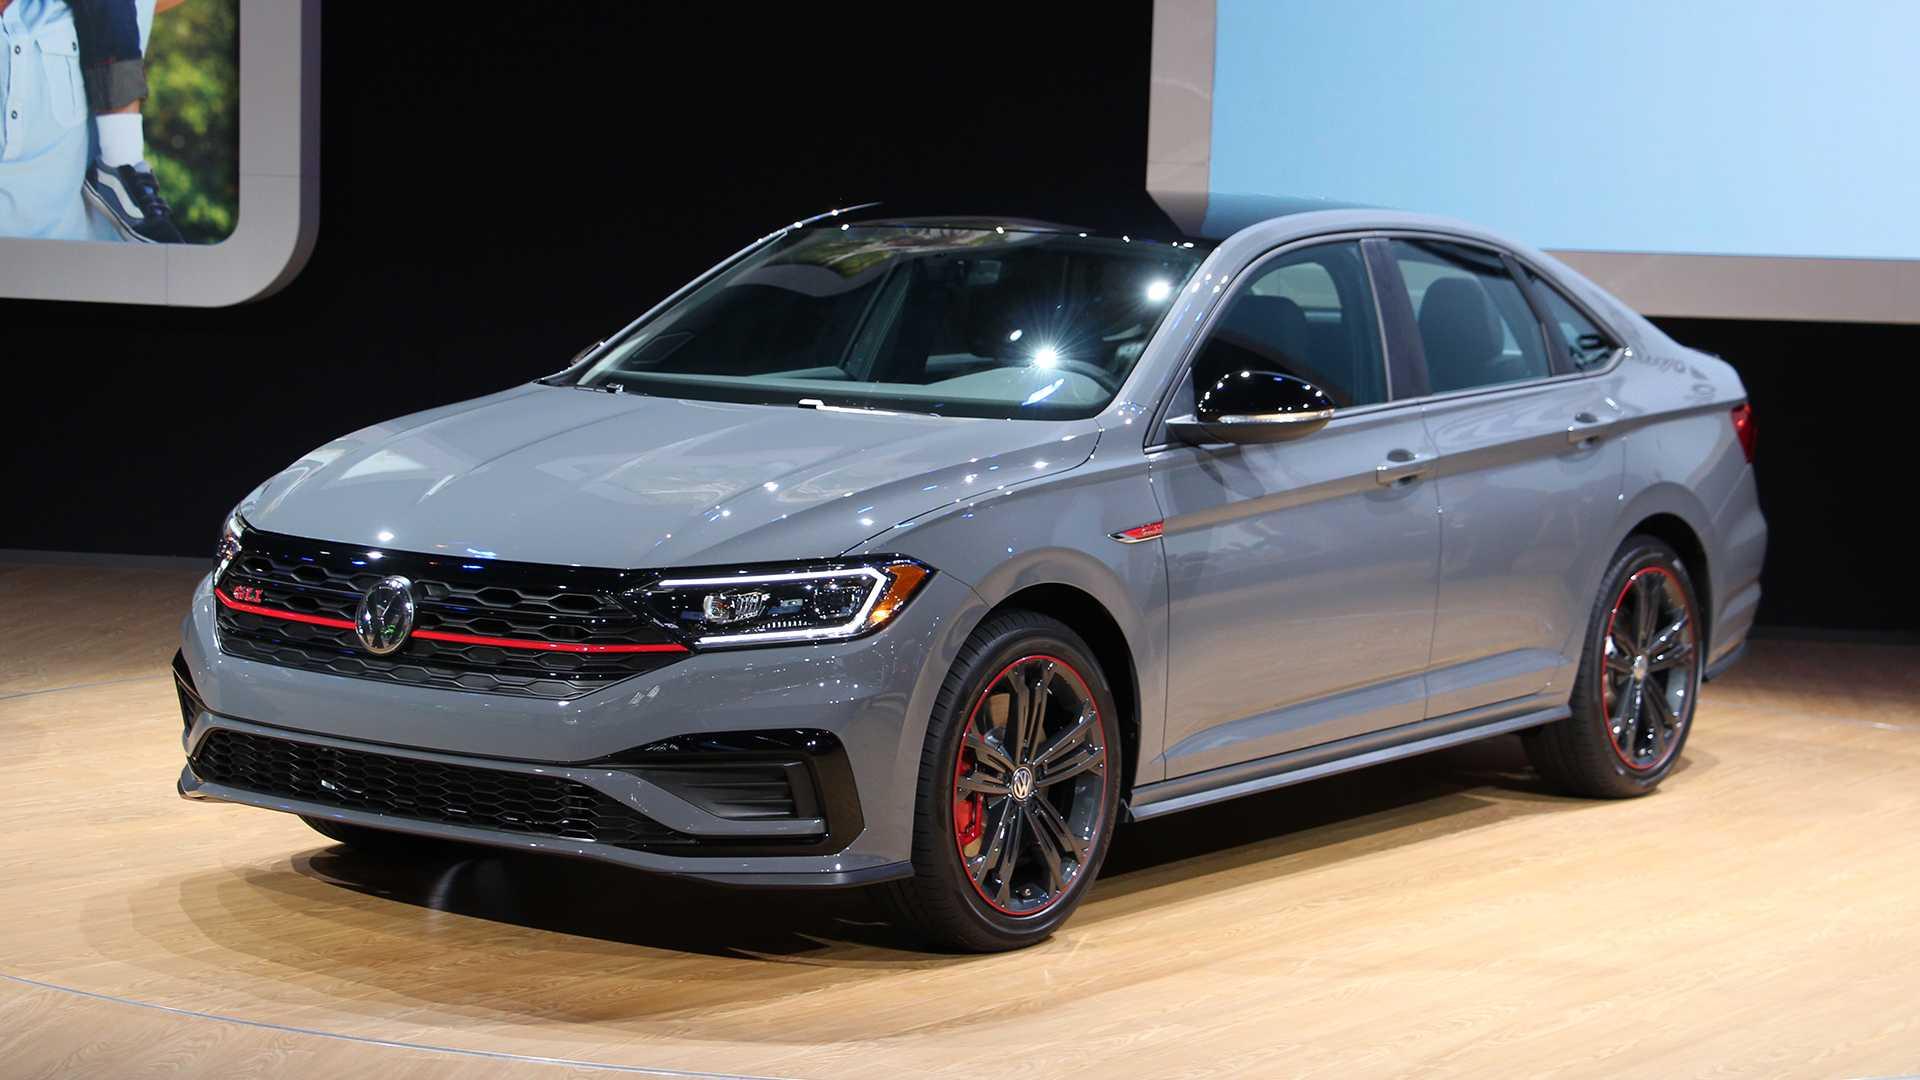 13 New Volkswagen Gli 2020 Exterior and Interior for Volkswagen Gli 2020